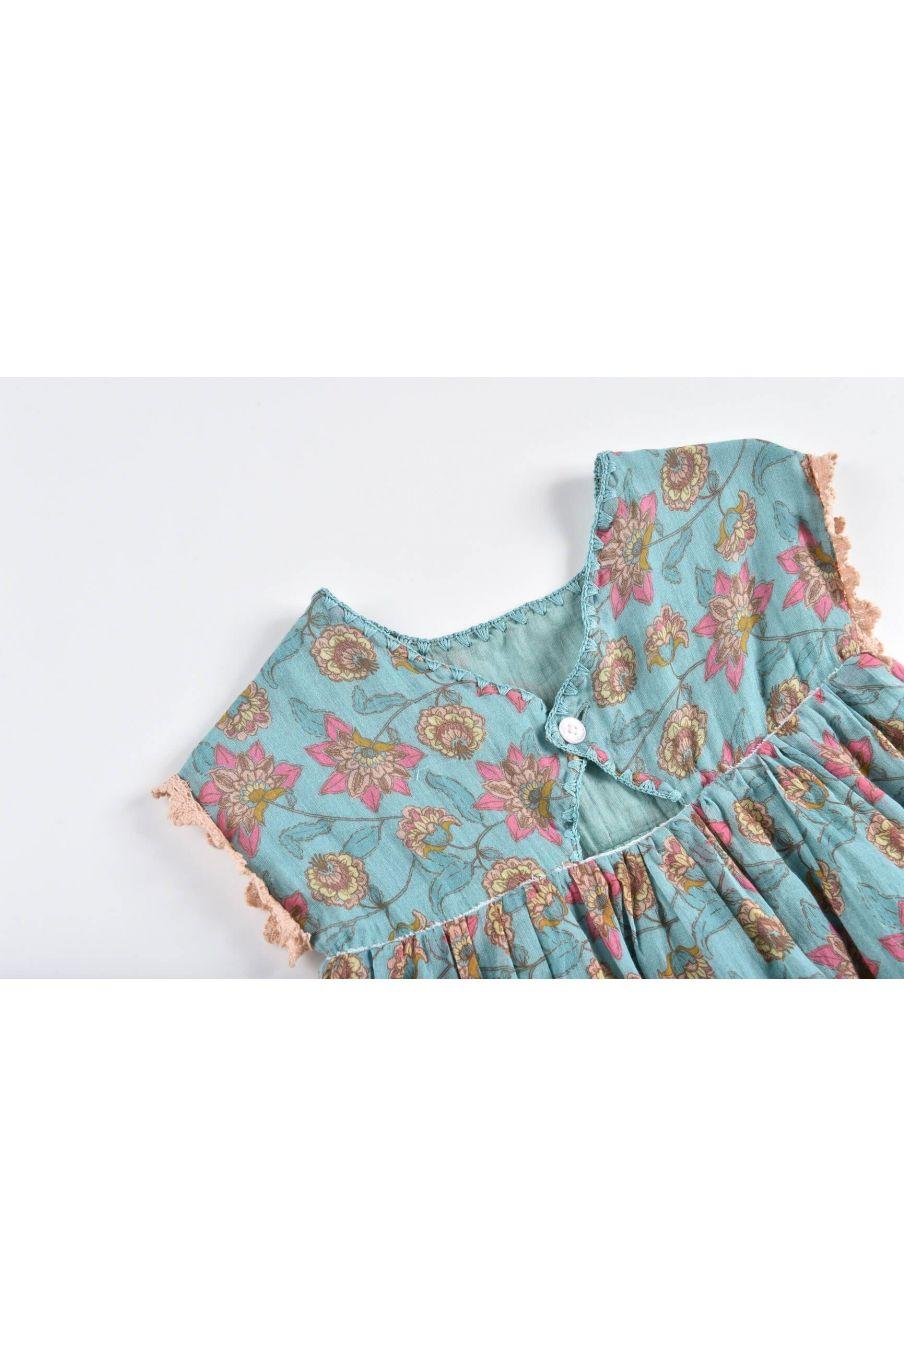 boheme chic vintage robe bébé fille tapalpa turquoise flowers